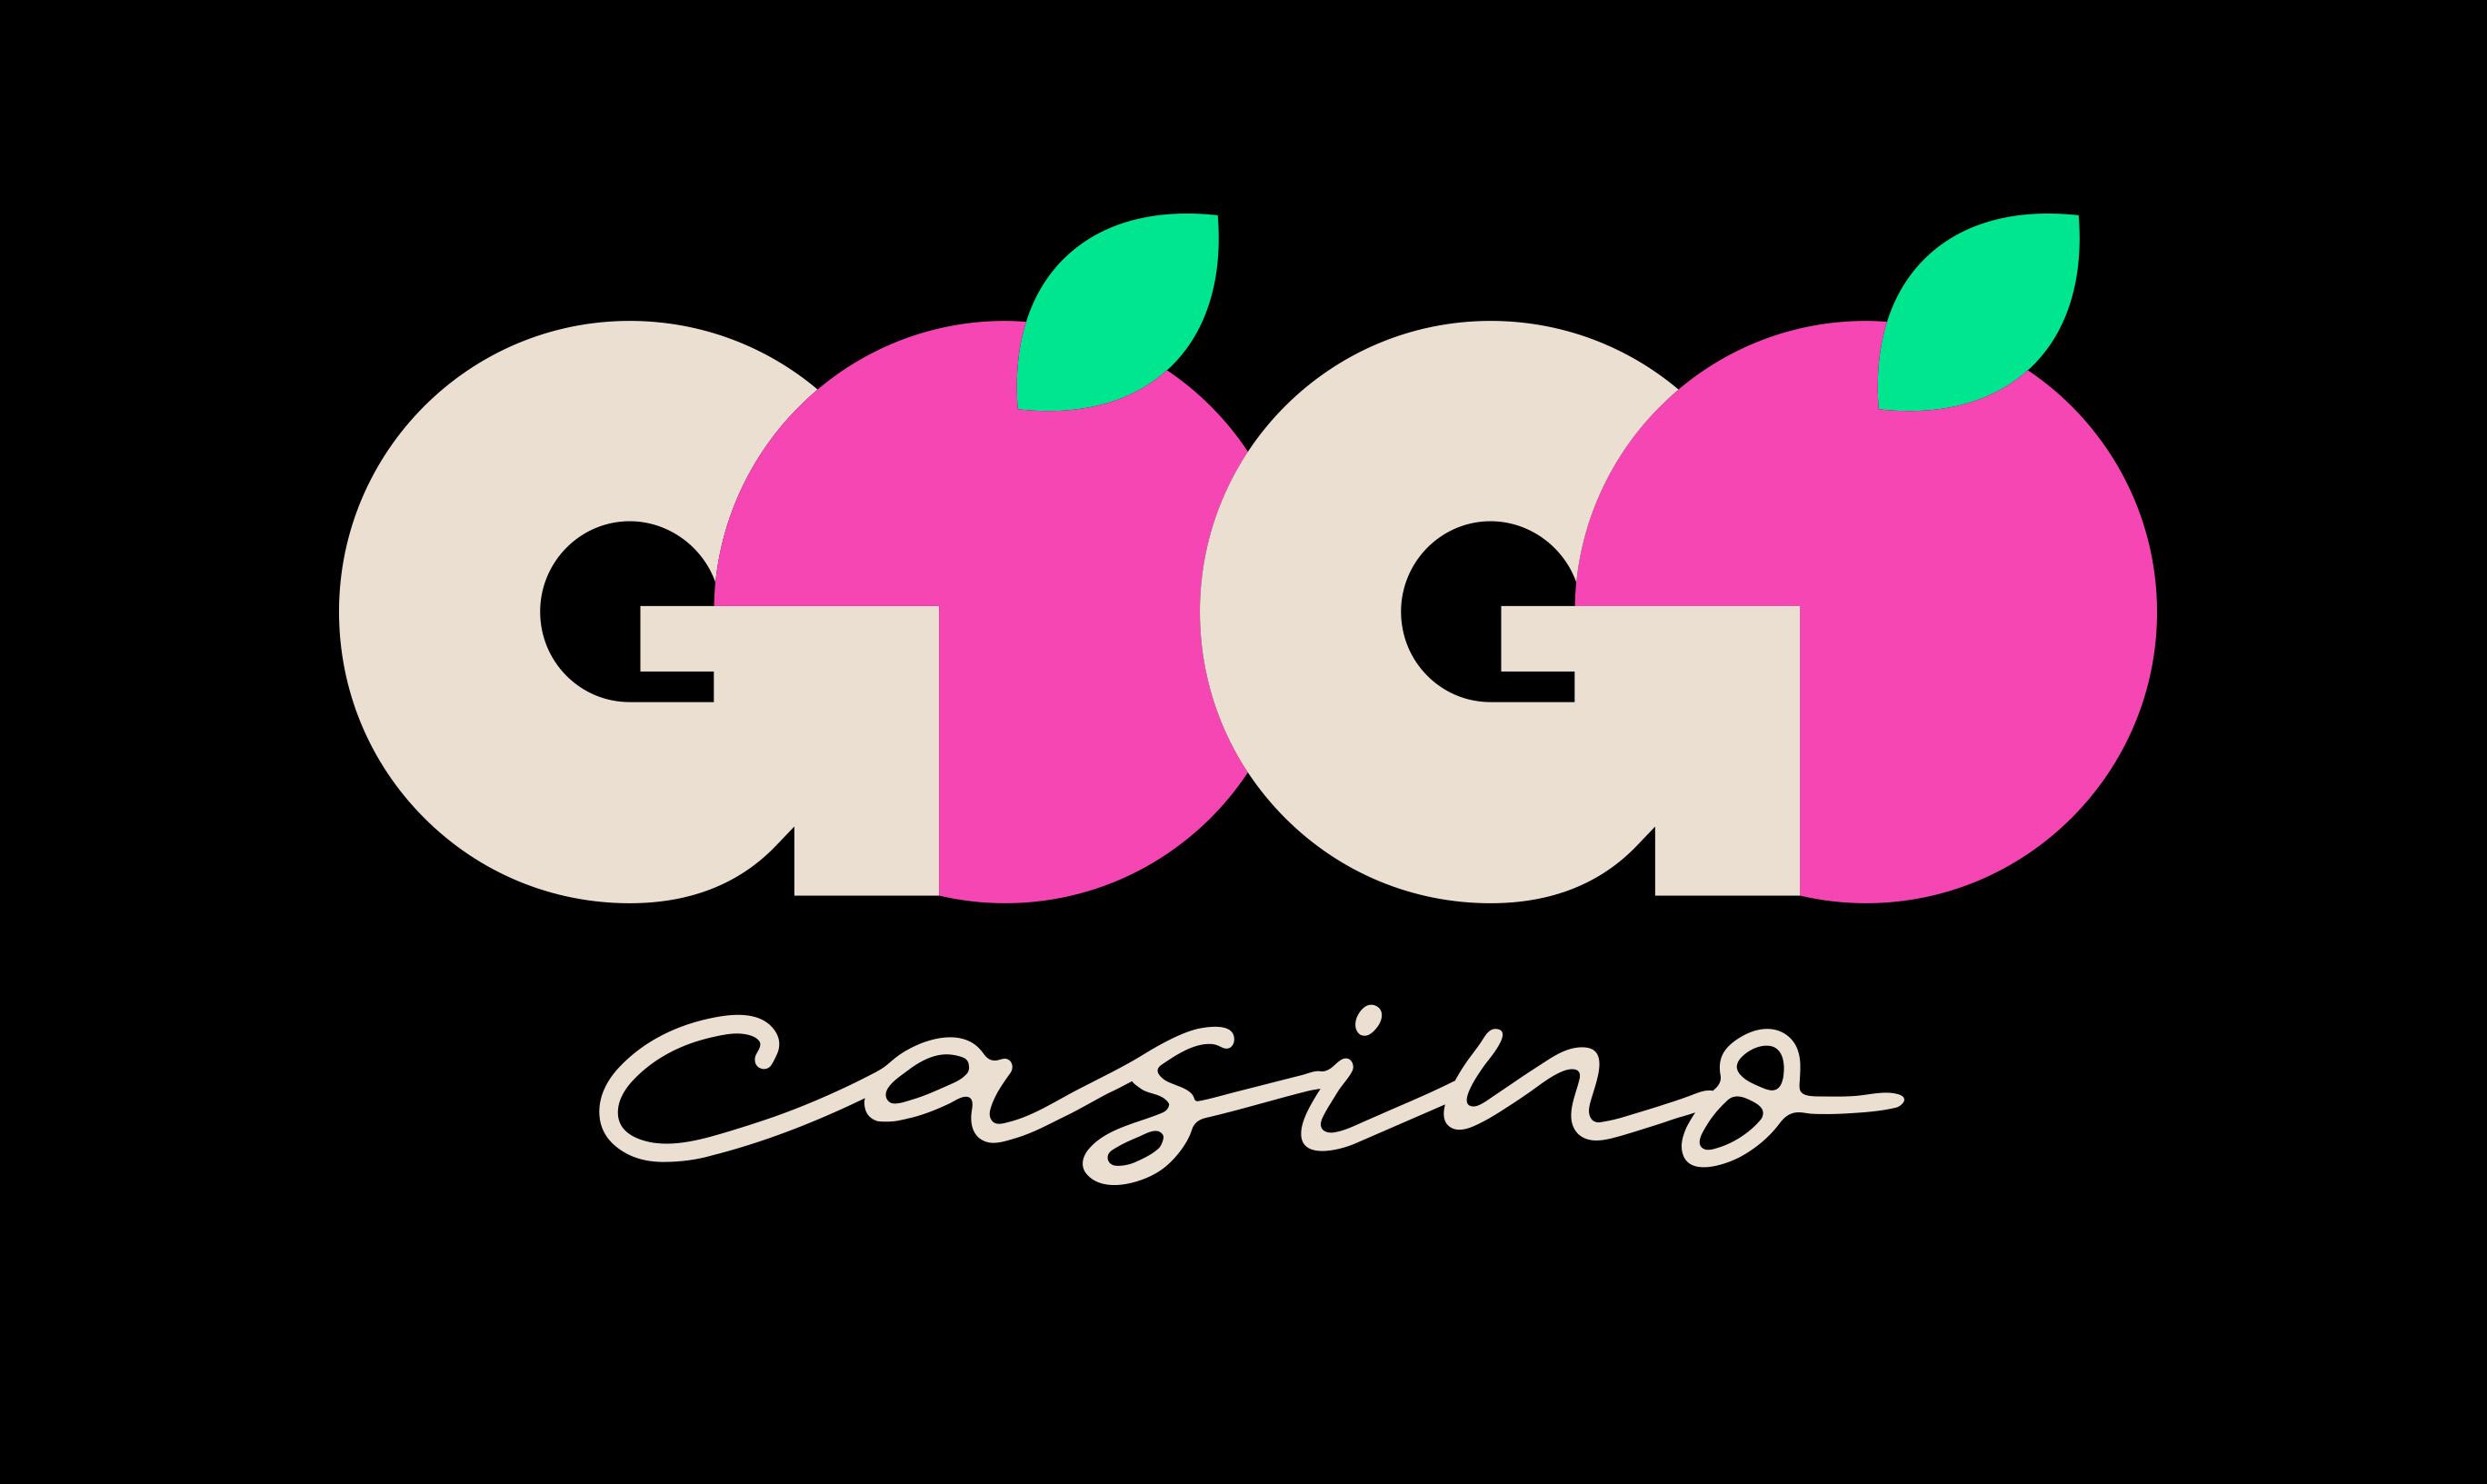 GoGo Casino image